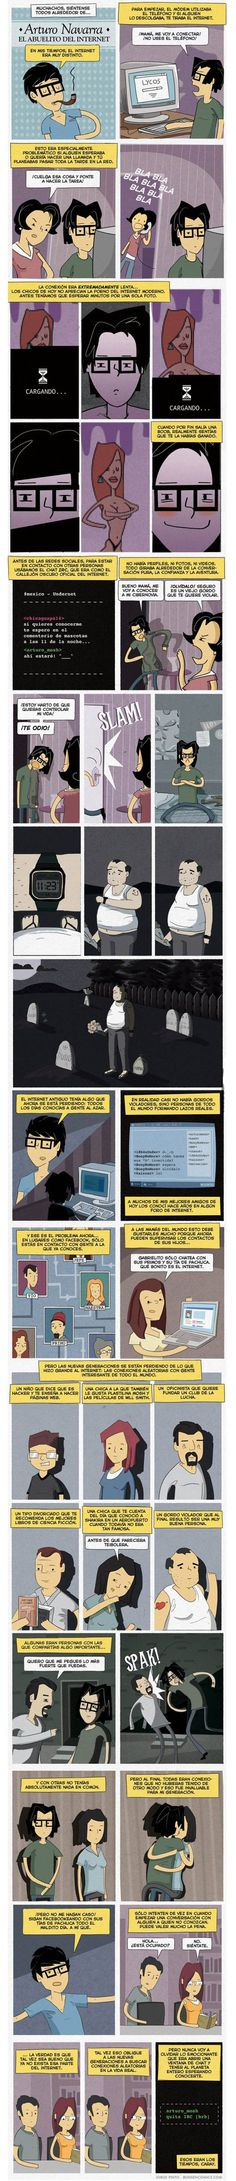 En mis tiempos el internet era muy distinto @ www.elmemeno.com